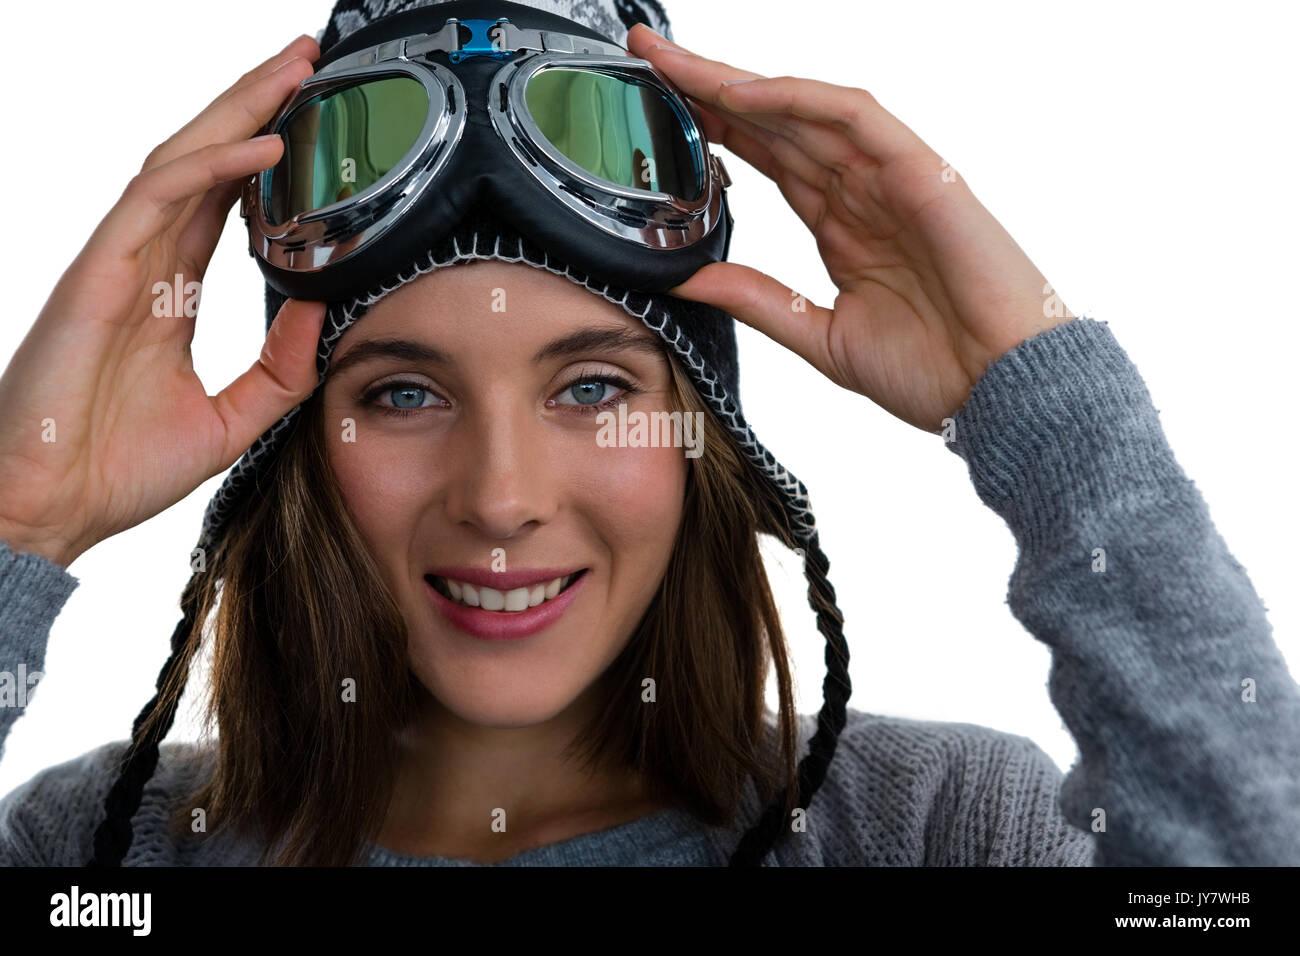 Ritratto di donna sorridente holding con maschere da sci contro uno sfondo bianco Immagini Stock